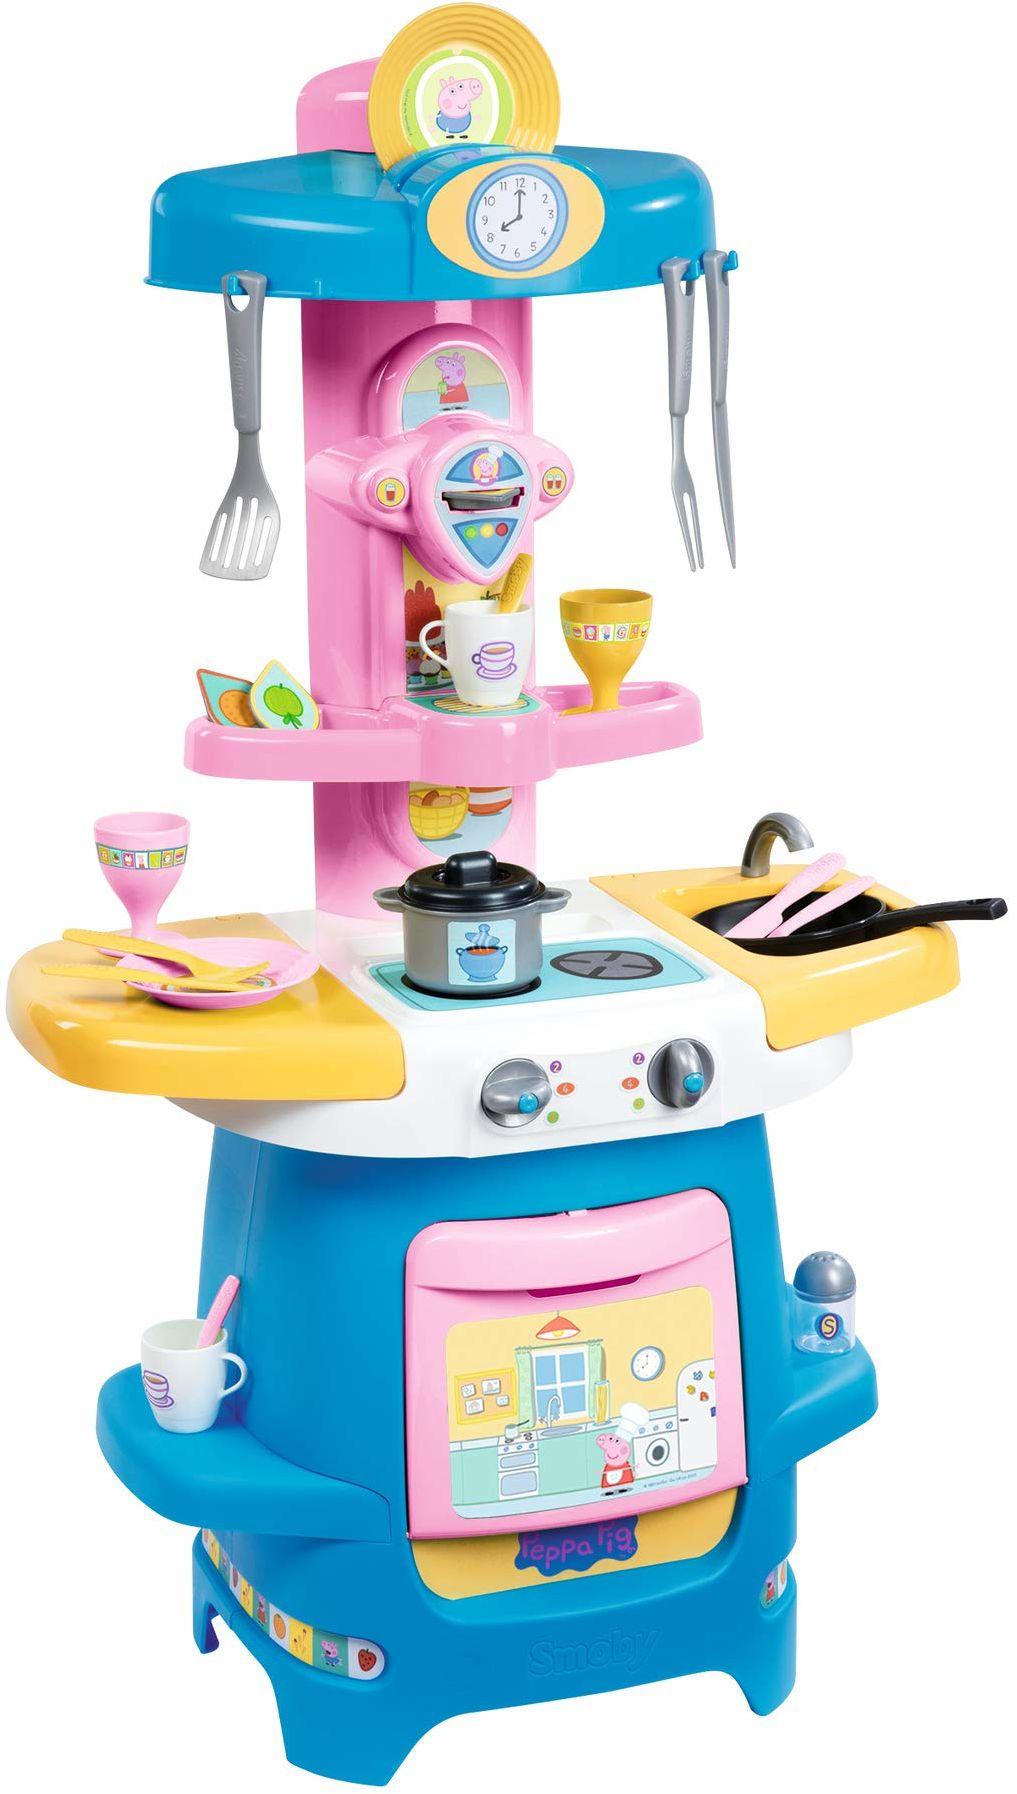 Smoby 310714  Peppa Wutz Cooky kuchnia dla dzieci z dużą ilością naczyń i akcesoriów, kuchenka, piekarnik, zlewozmywak, ekspres do kawy, dla dzieci od 18 miesięcy, różowy